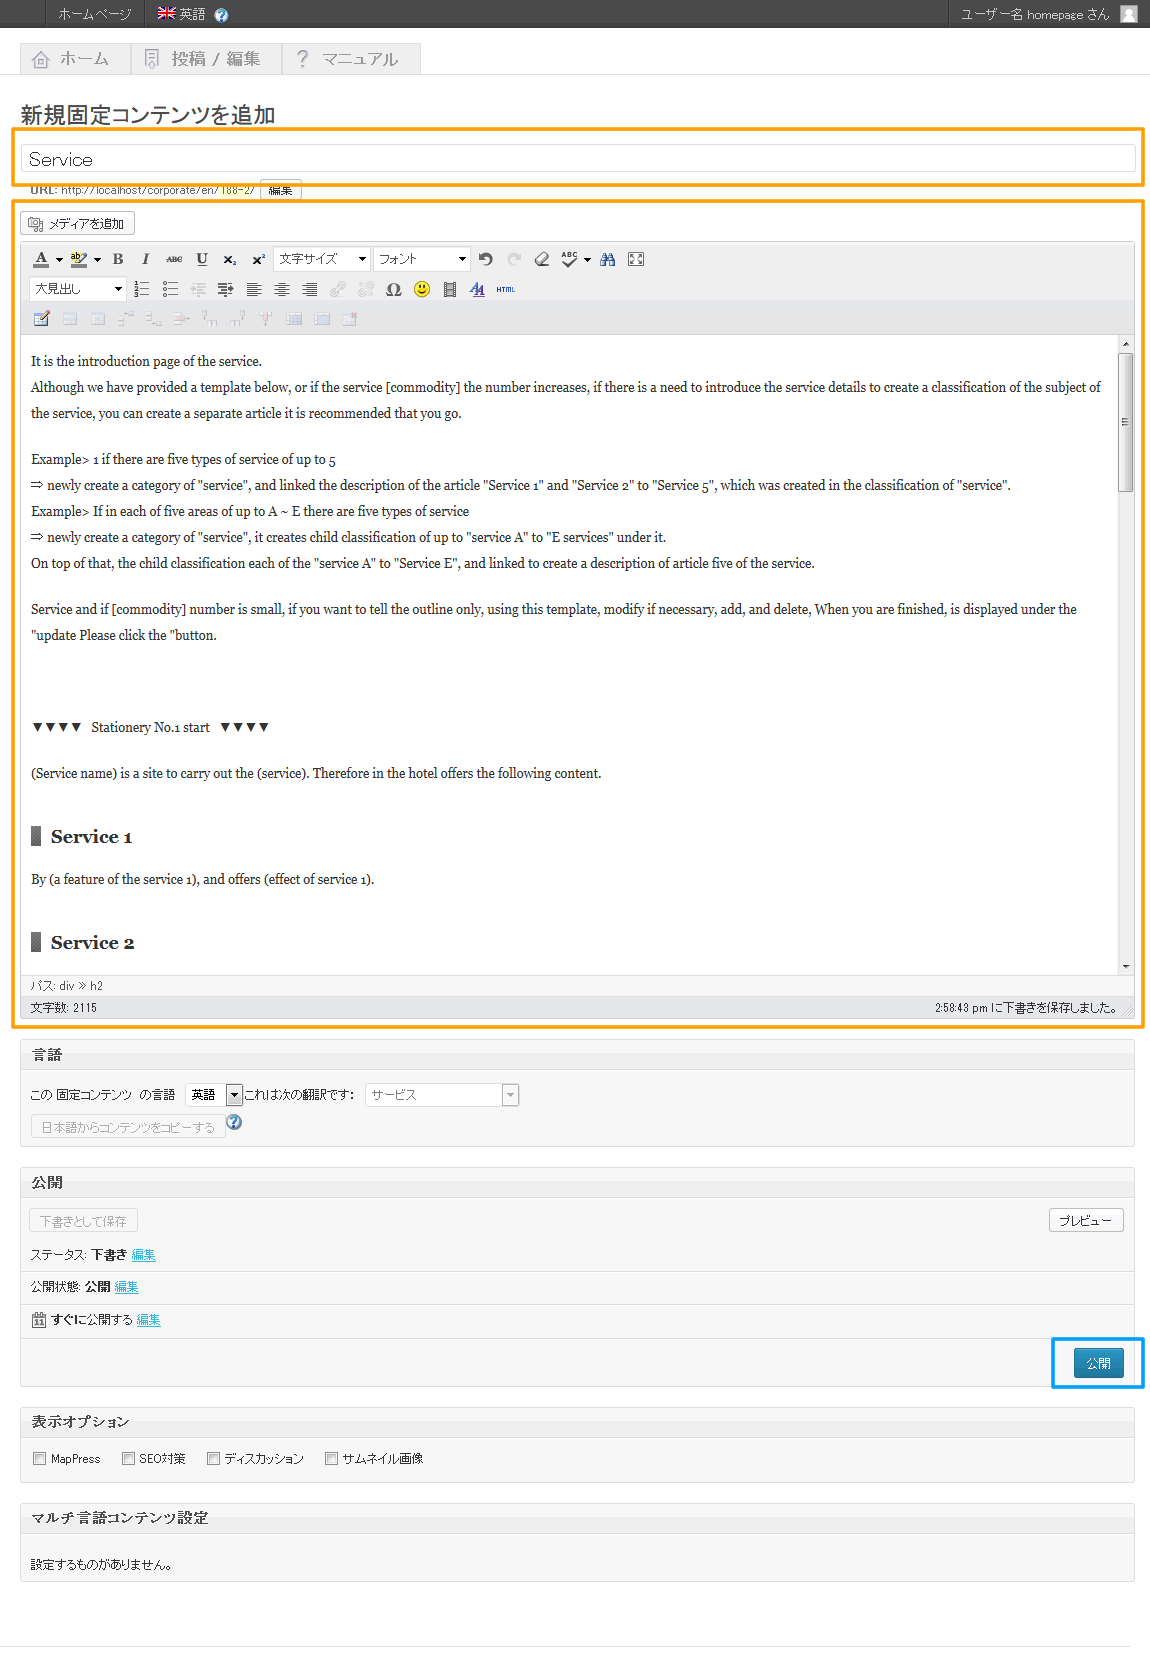 管理画面 固定コンテンツ 翻訳編集 | 初期費用無料ホームページ作成サイト - FunMaker